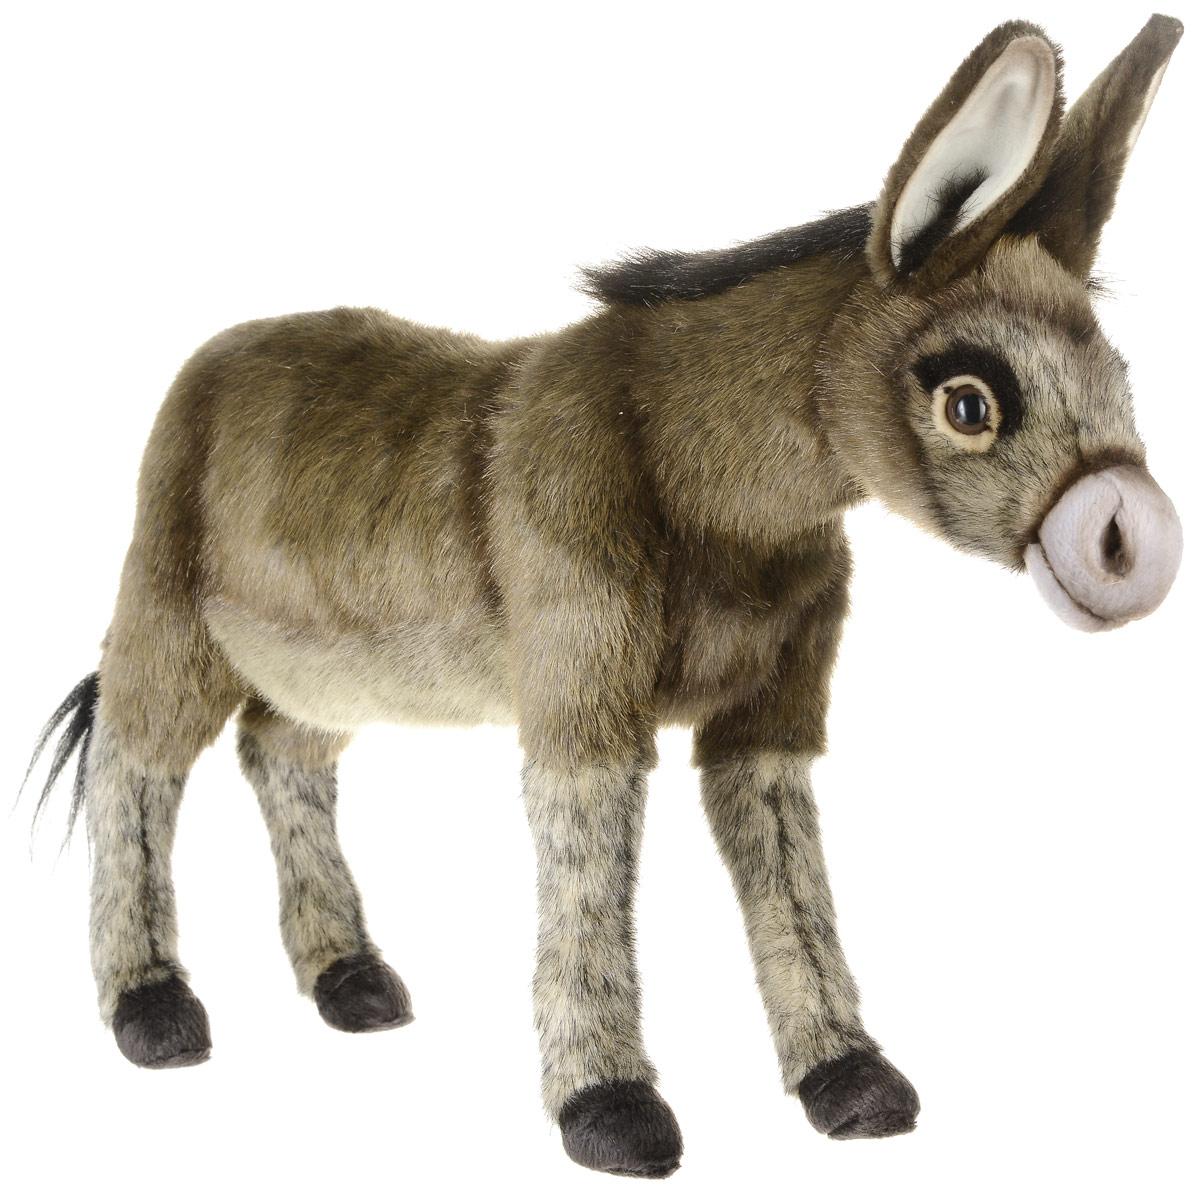 Hansa Toys Мягкая игрушка Ослик 41 см3805Осел принадлежит к семейству лошадиных, но движется медленнее, чем лошади. Период беременности может длиться в течение 12 месяцев. Рождается чаще всего один, редко-два осленка. Один из способов общения с другими ослами является резкий крик, который может длиться в течение 20 секунд. Ослы травоядные животные и в основном питаются полевой травой. Мягкая игрушка Hansa Toys Ослик обязательно понравится вам и вашему малышу, а также познакомит вас с этим животным.